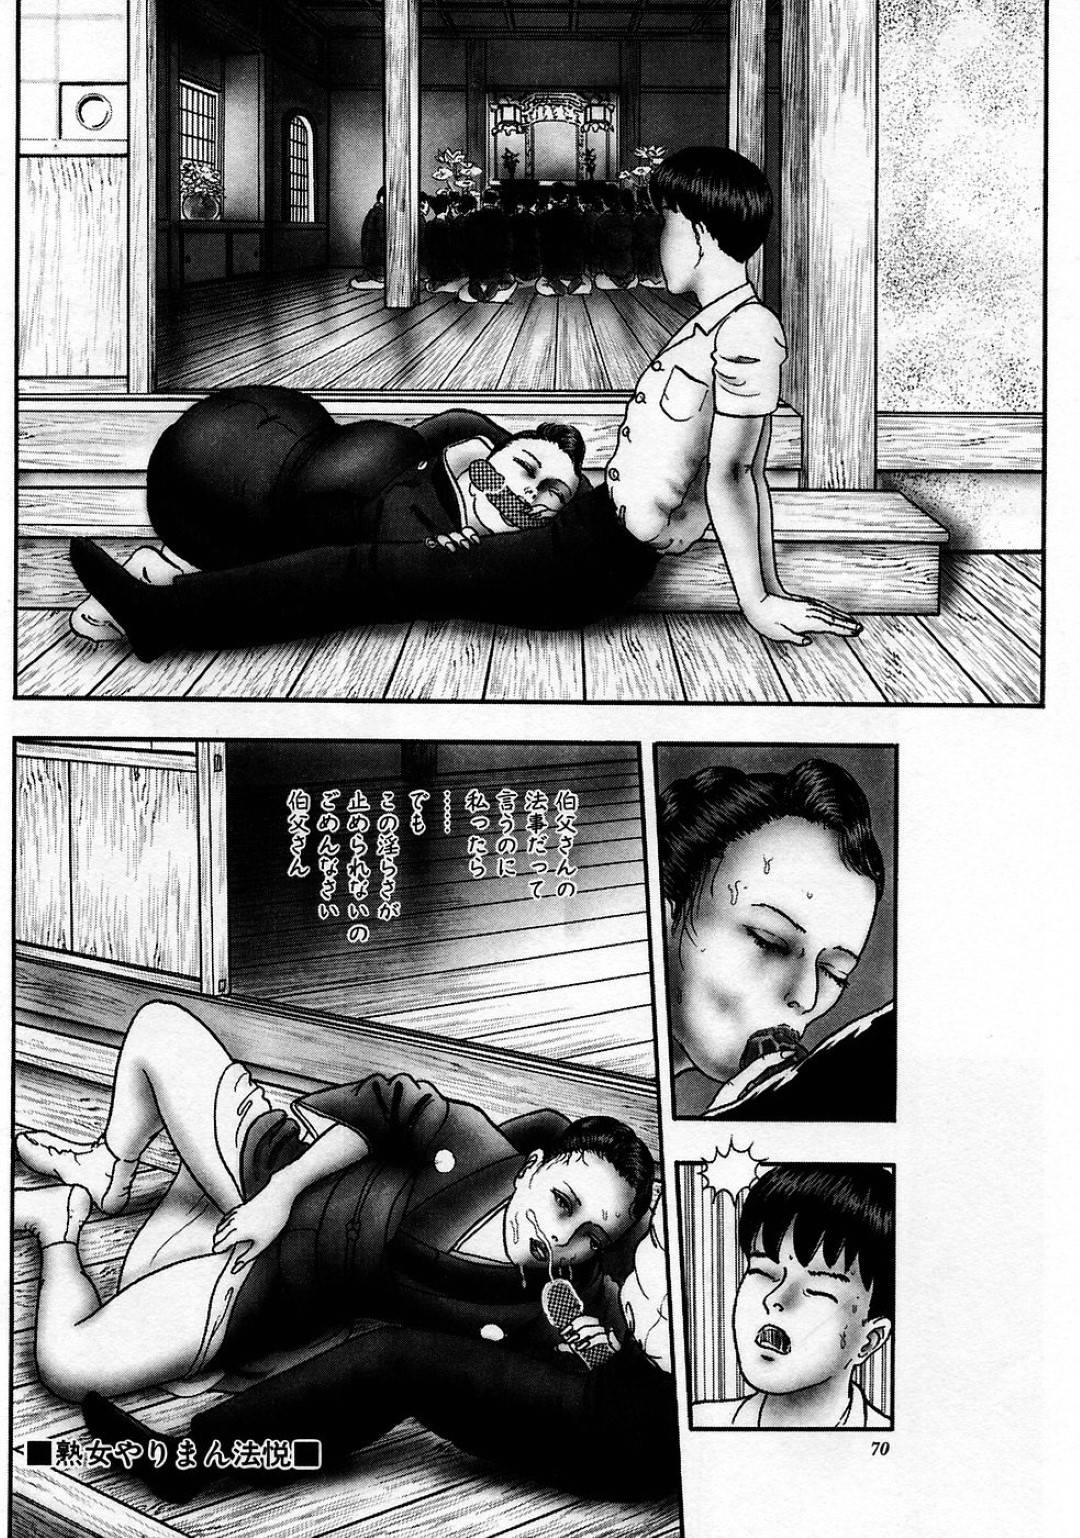 【エロ漫画】青年と不倫をし続ける淫乱熟女人妻…彼女は彼に毎日のようにフェラしたり、生ハメセックスしたりとひたすらヤりまくる!【堀江耽閨:熟女やりまん法悦】